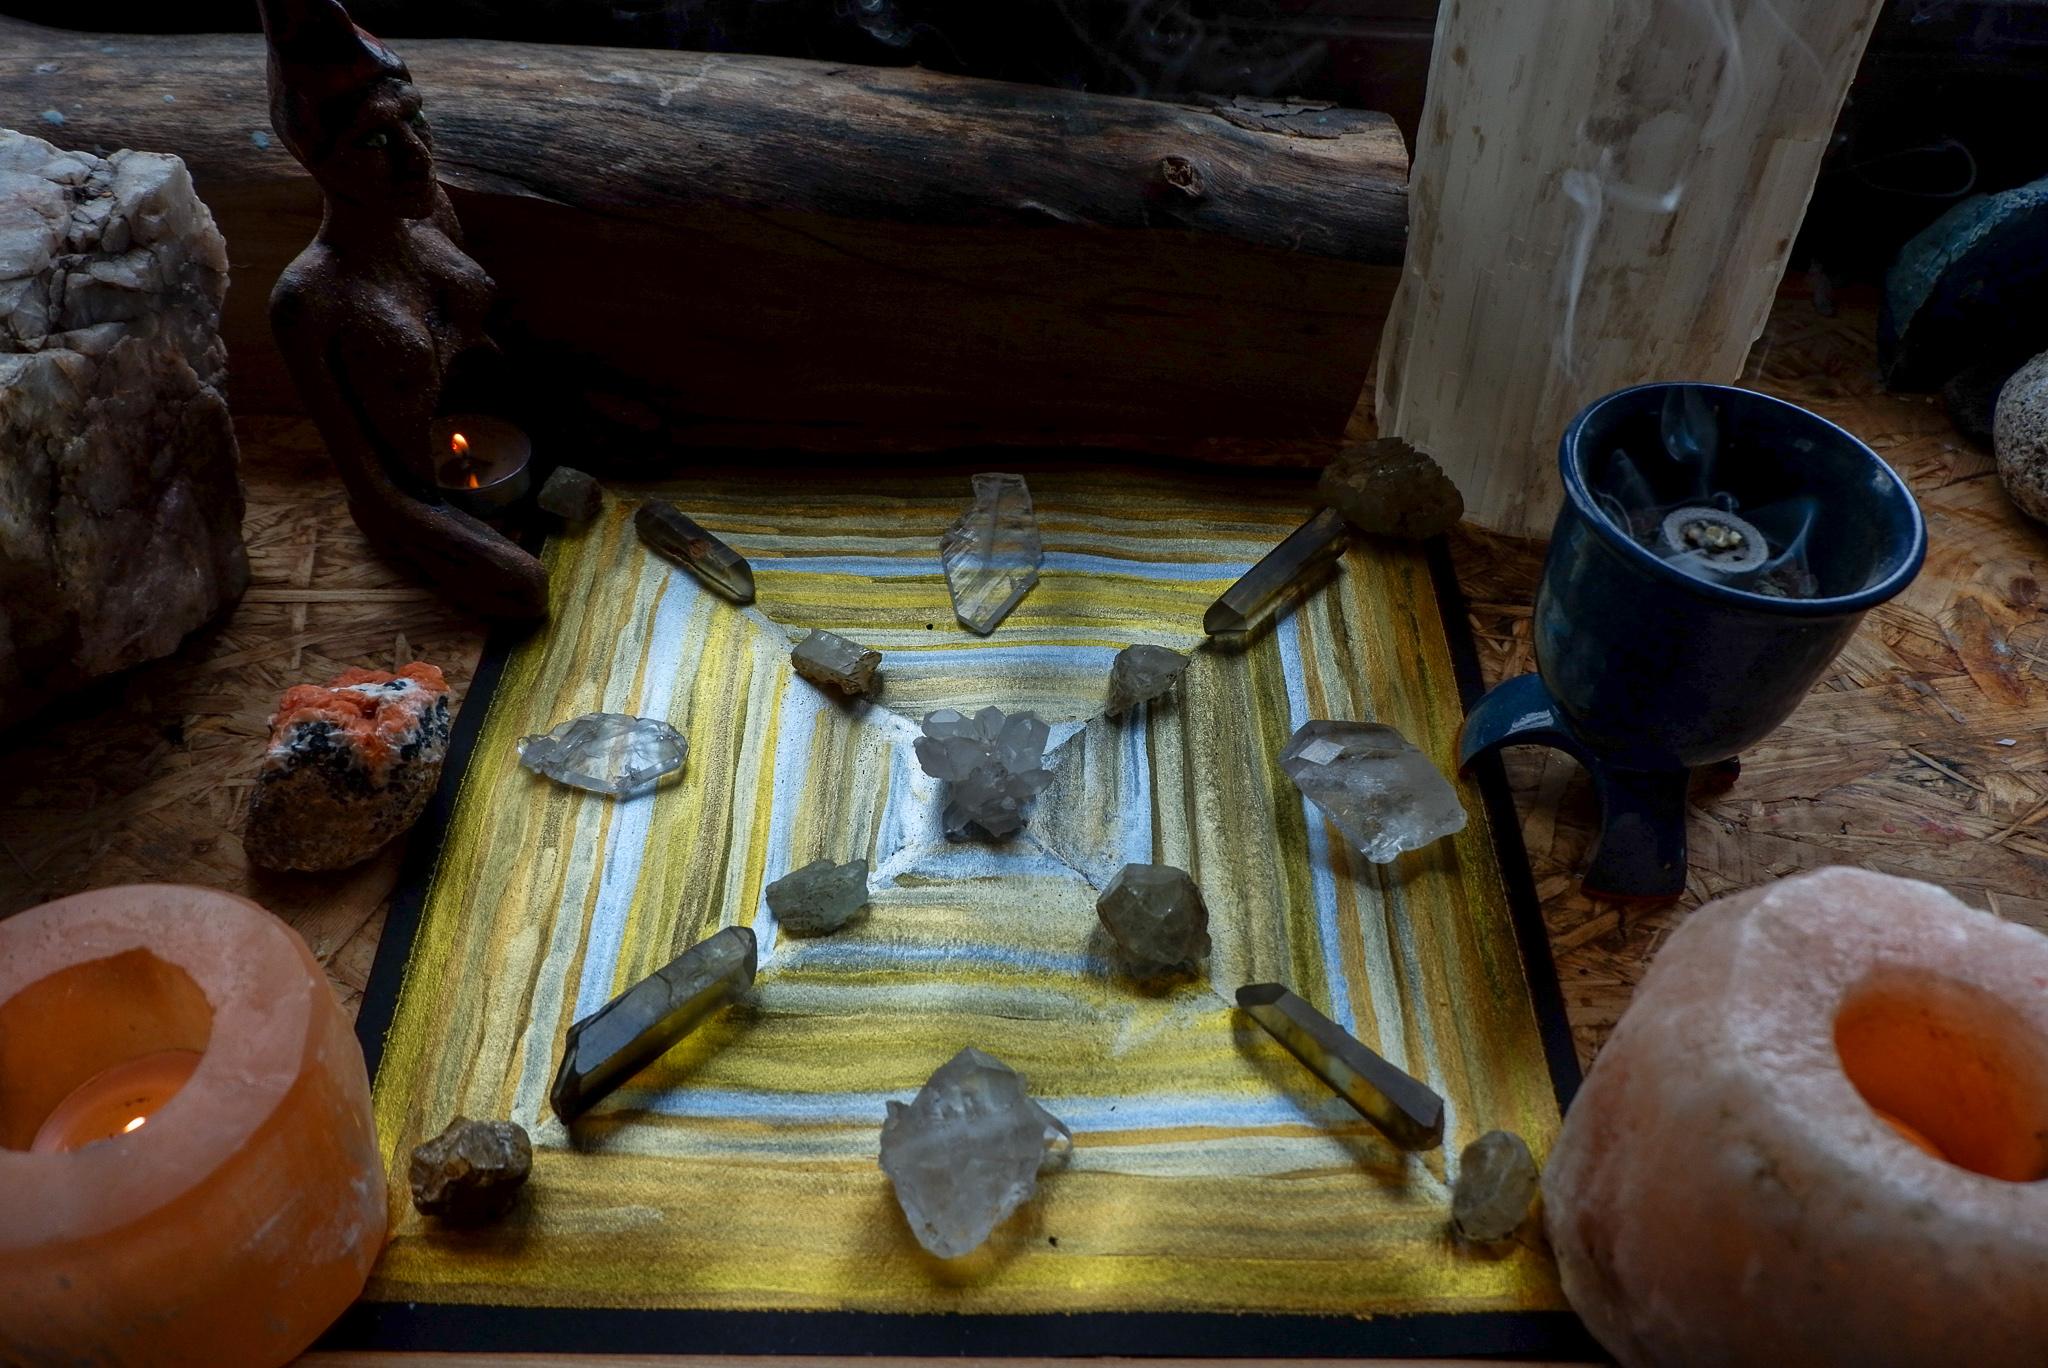 Tvoření krystalové mřížky jako aktivní meditace (dnes téma hojnost)